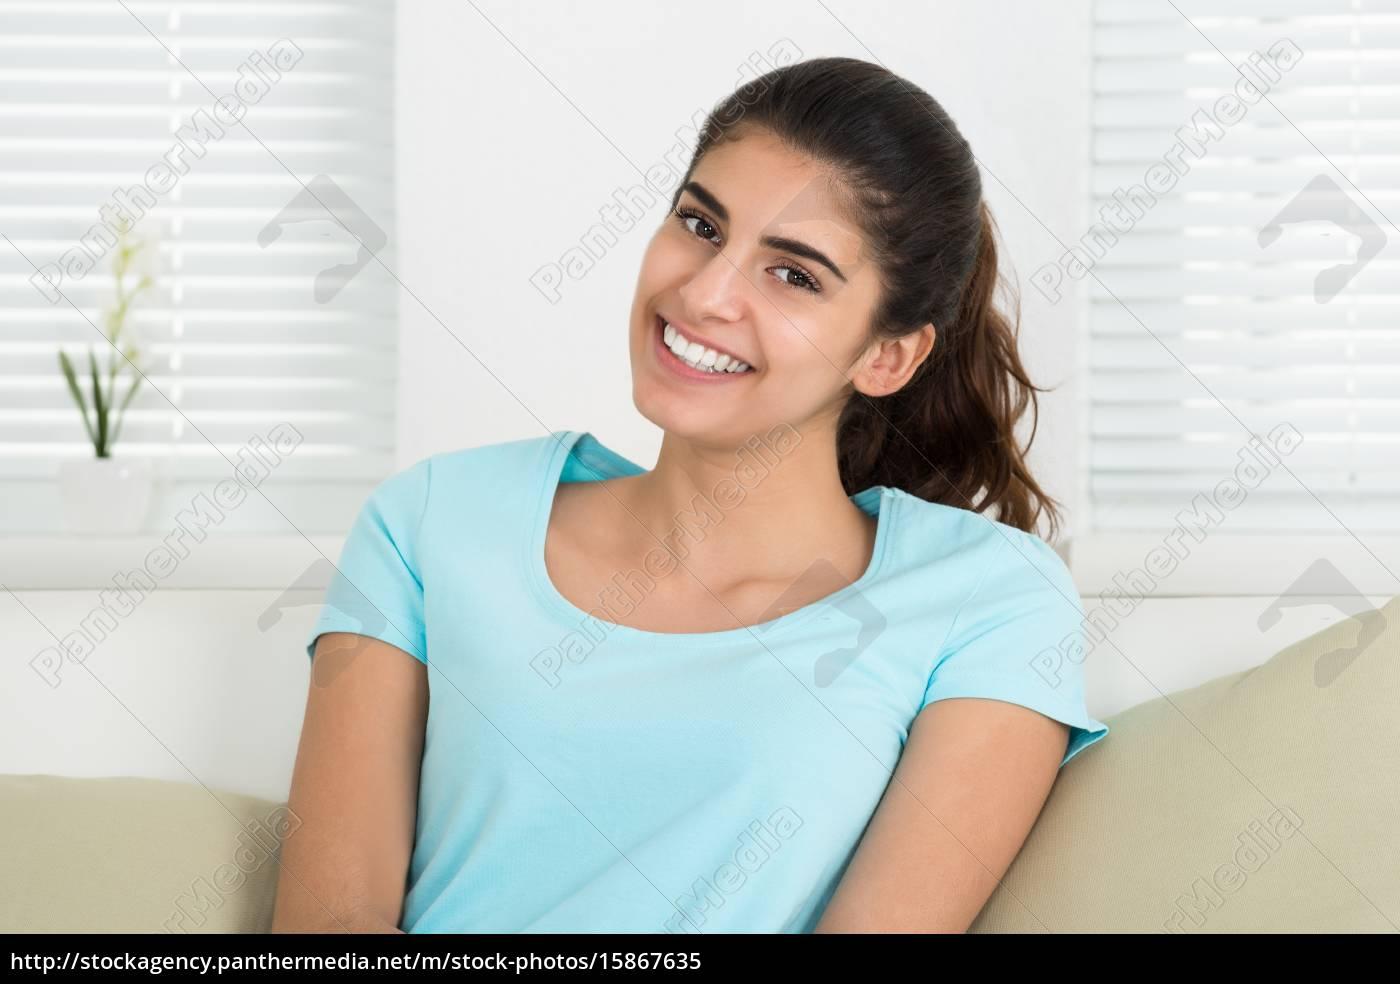 97d2c73e9b Lizenzfreies Bild 15867635 - glückliche frau sitzt auf sofa zu hause